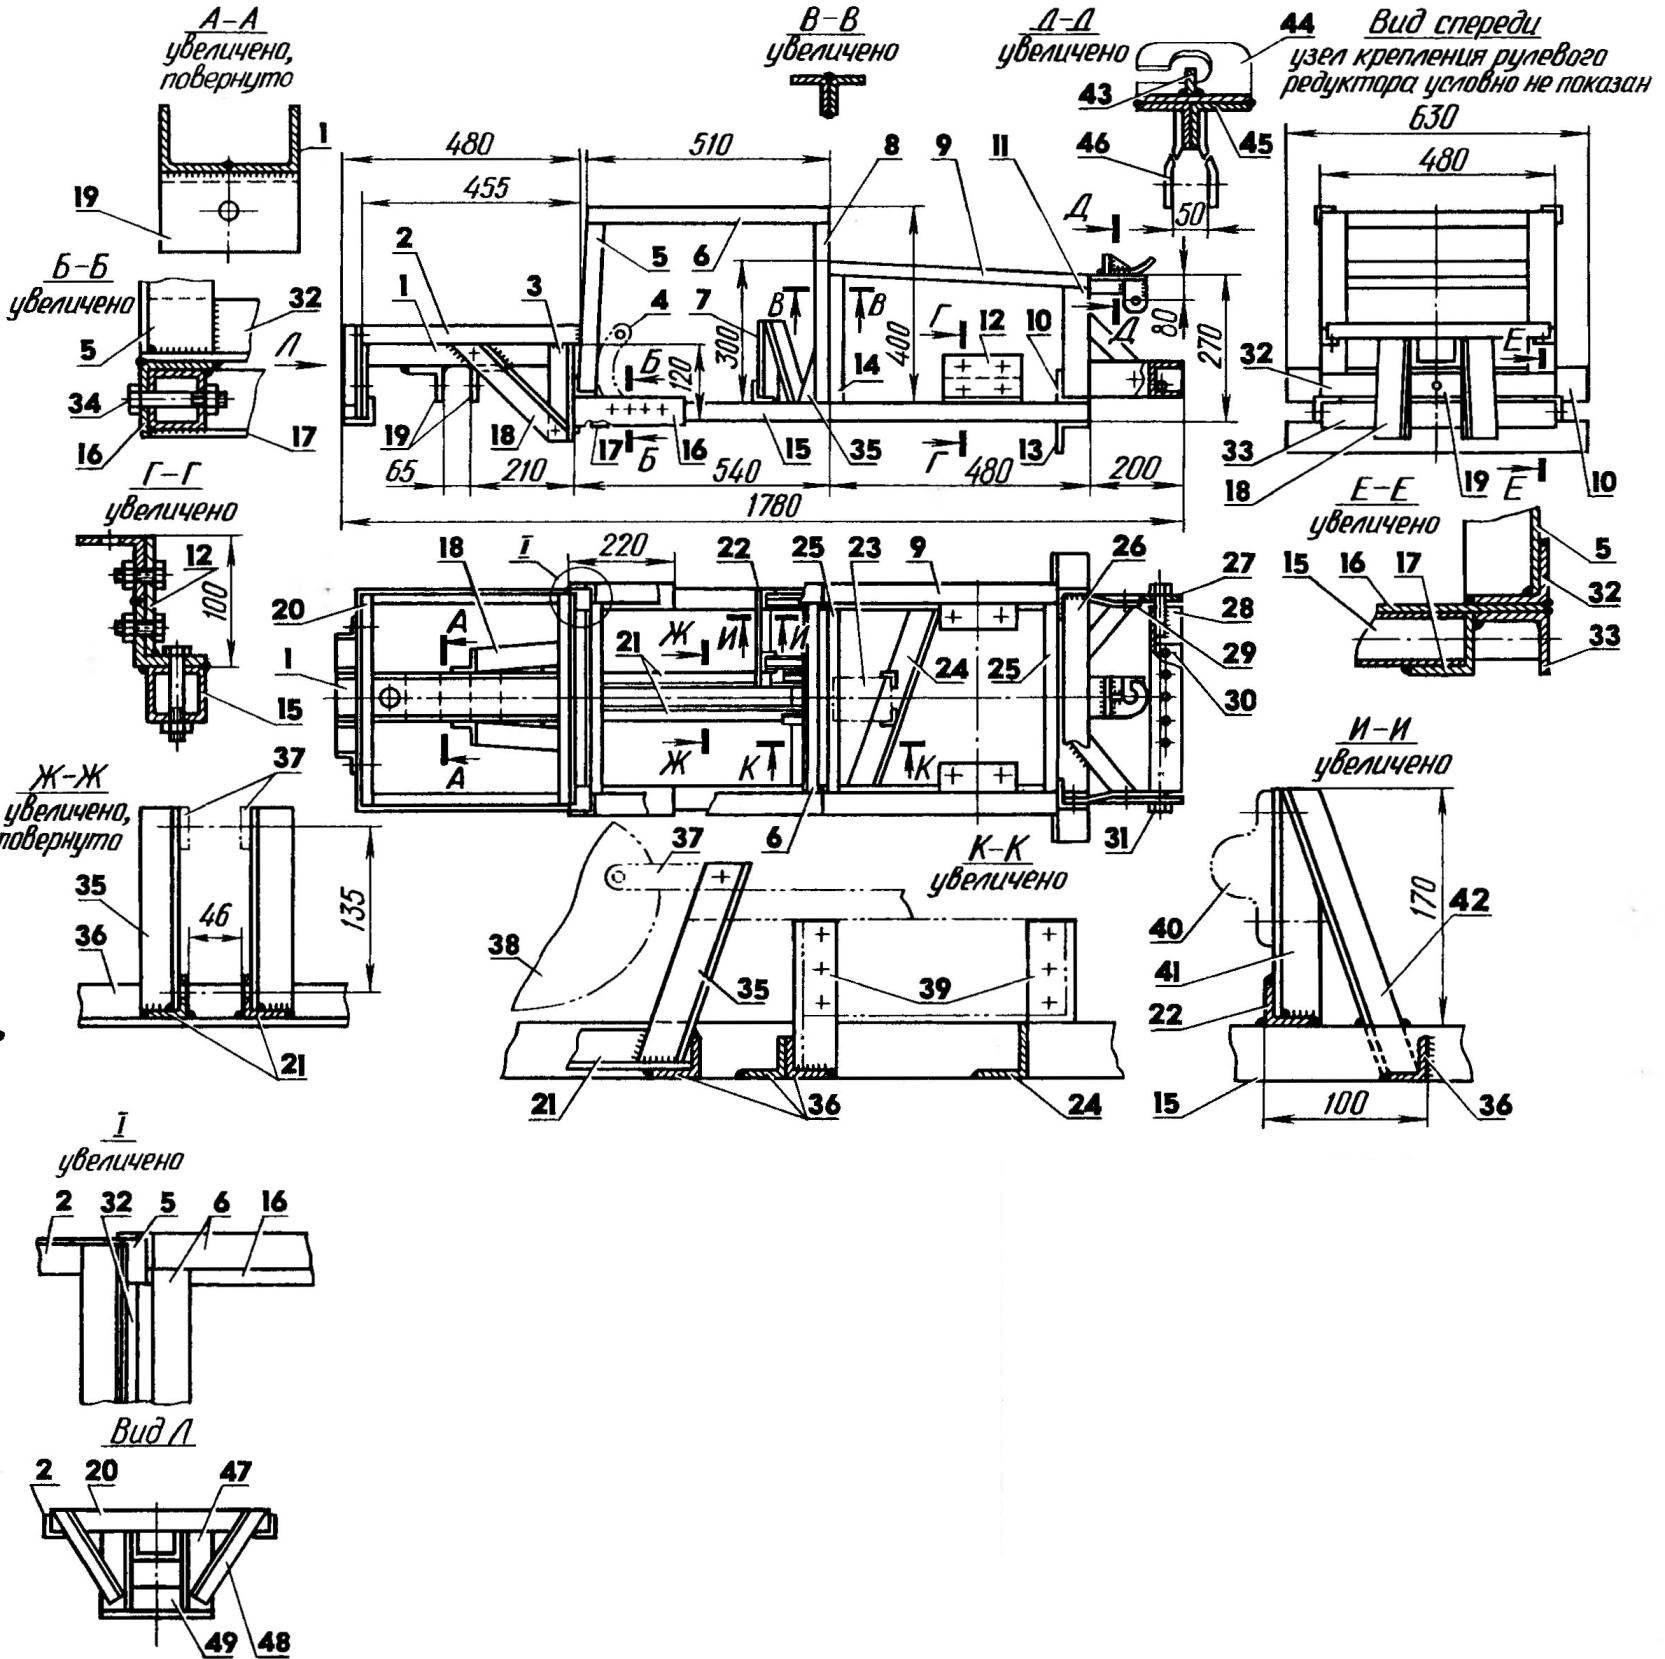 Силовой каркас (все элементы конструкции выполнены из СтЗ)